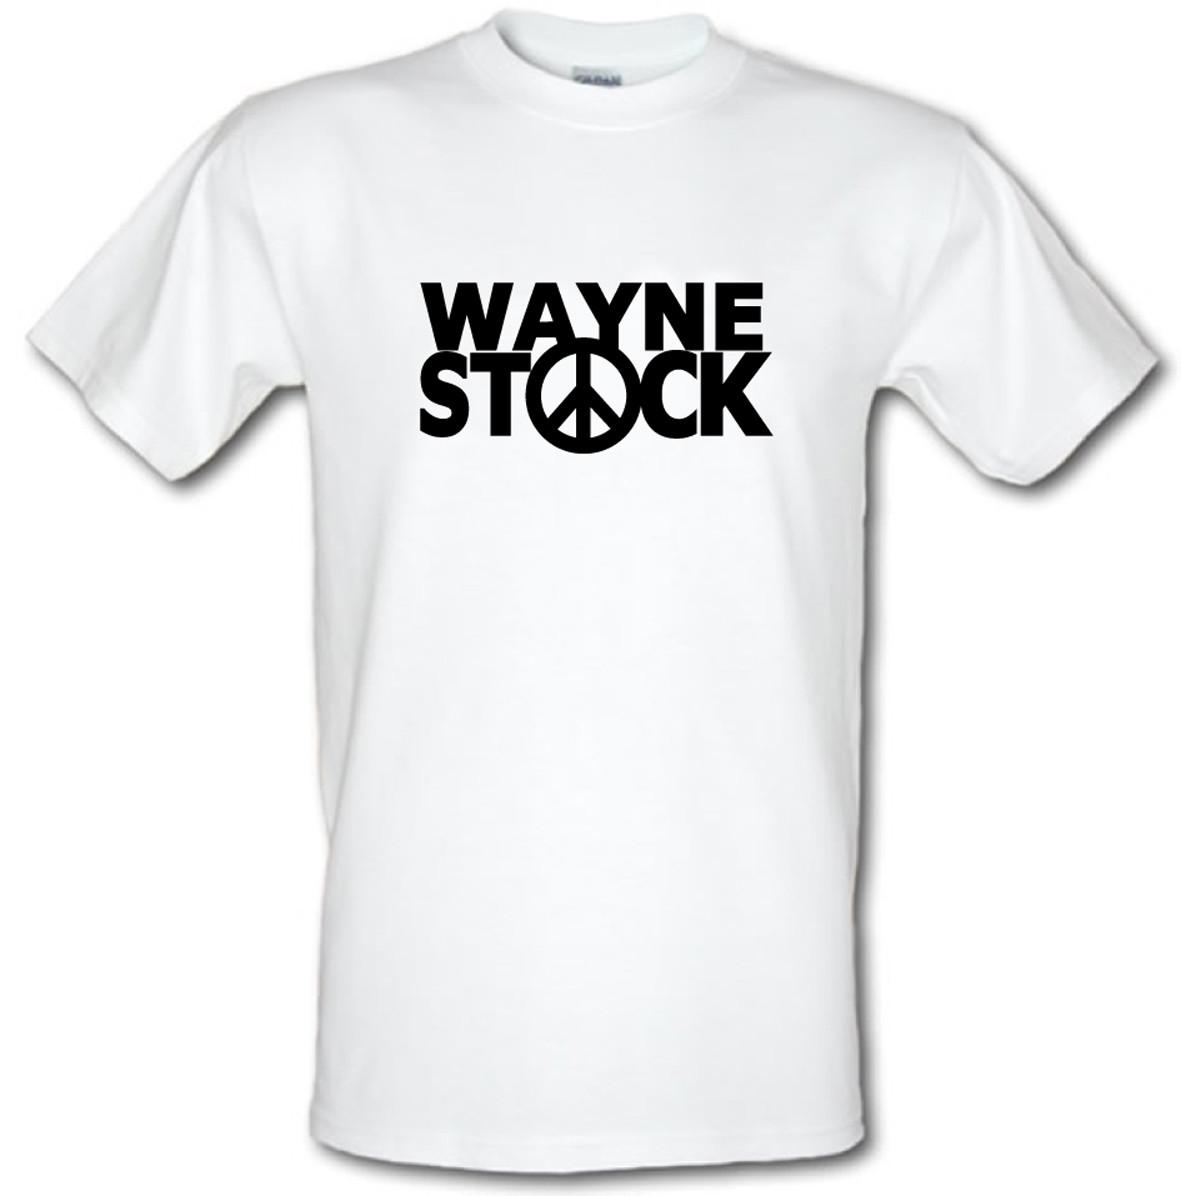 WAYNESTOCK